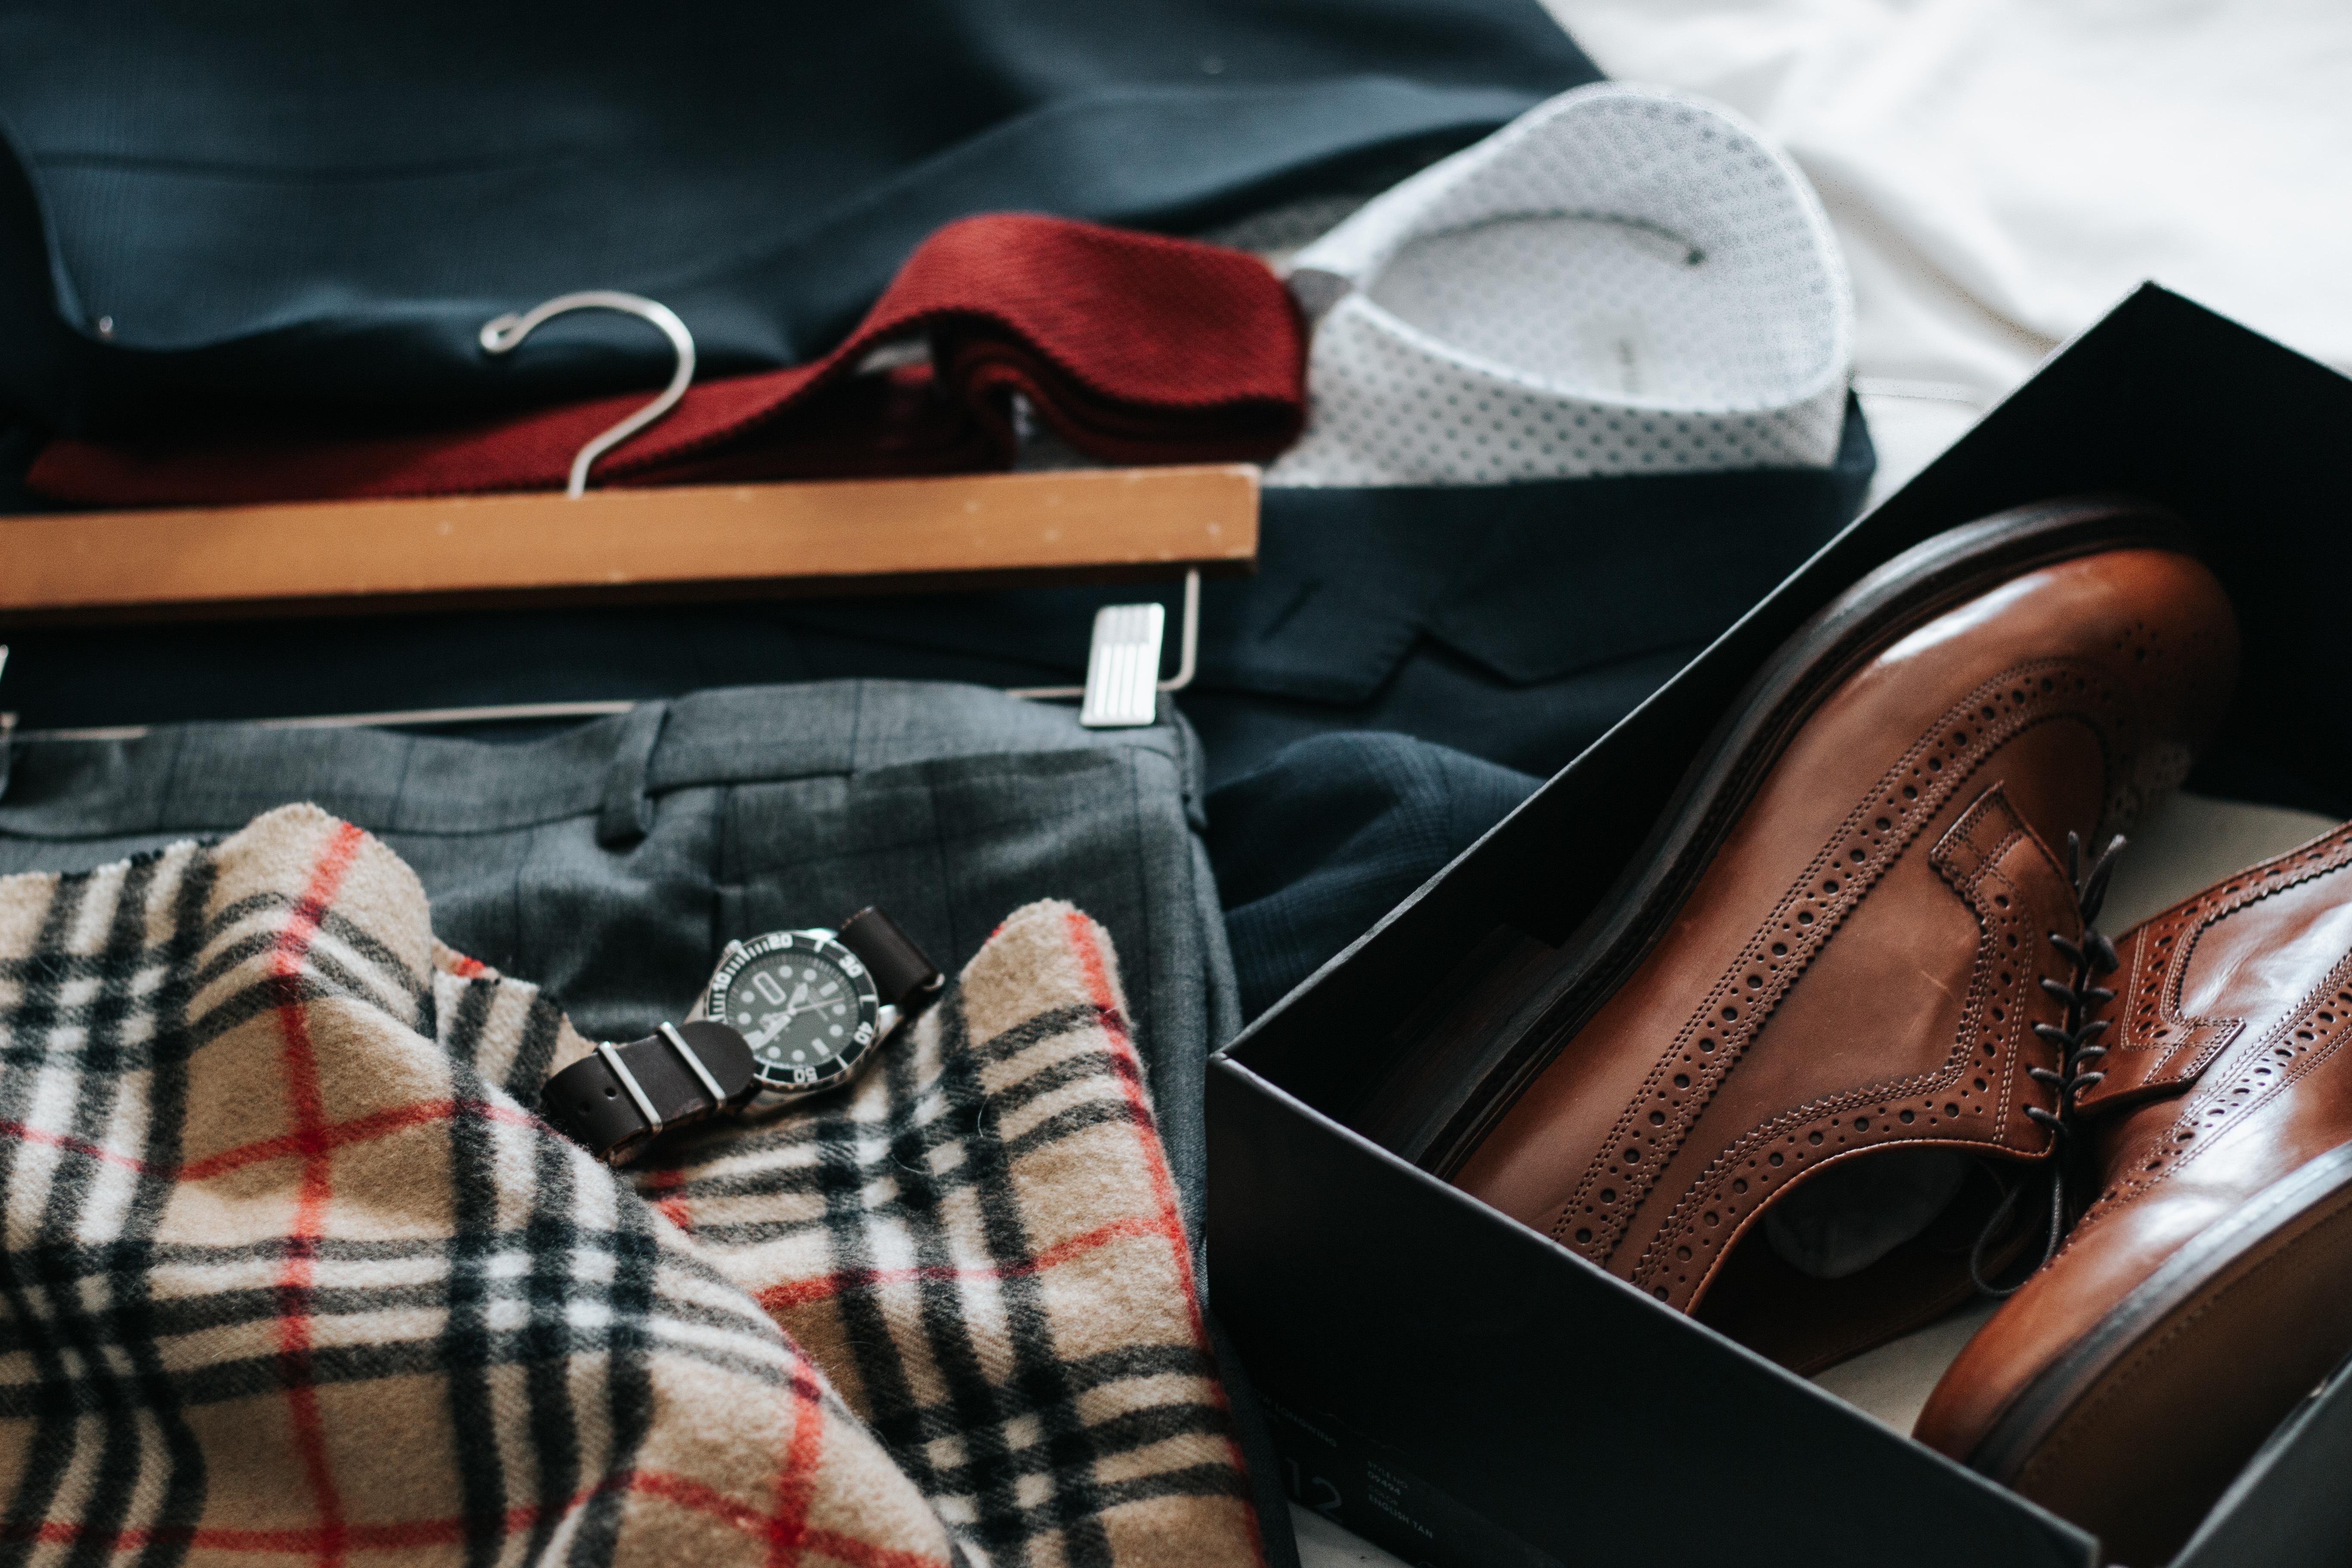 Images Gratuites   chaussure, cuir, modèle, rouge, marron, T-shirt,  Vêtements, noir, mode de vie, préparation, Sac à main, Burberry, placard,  conception, ... 36e1da7b305